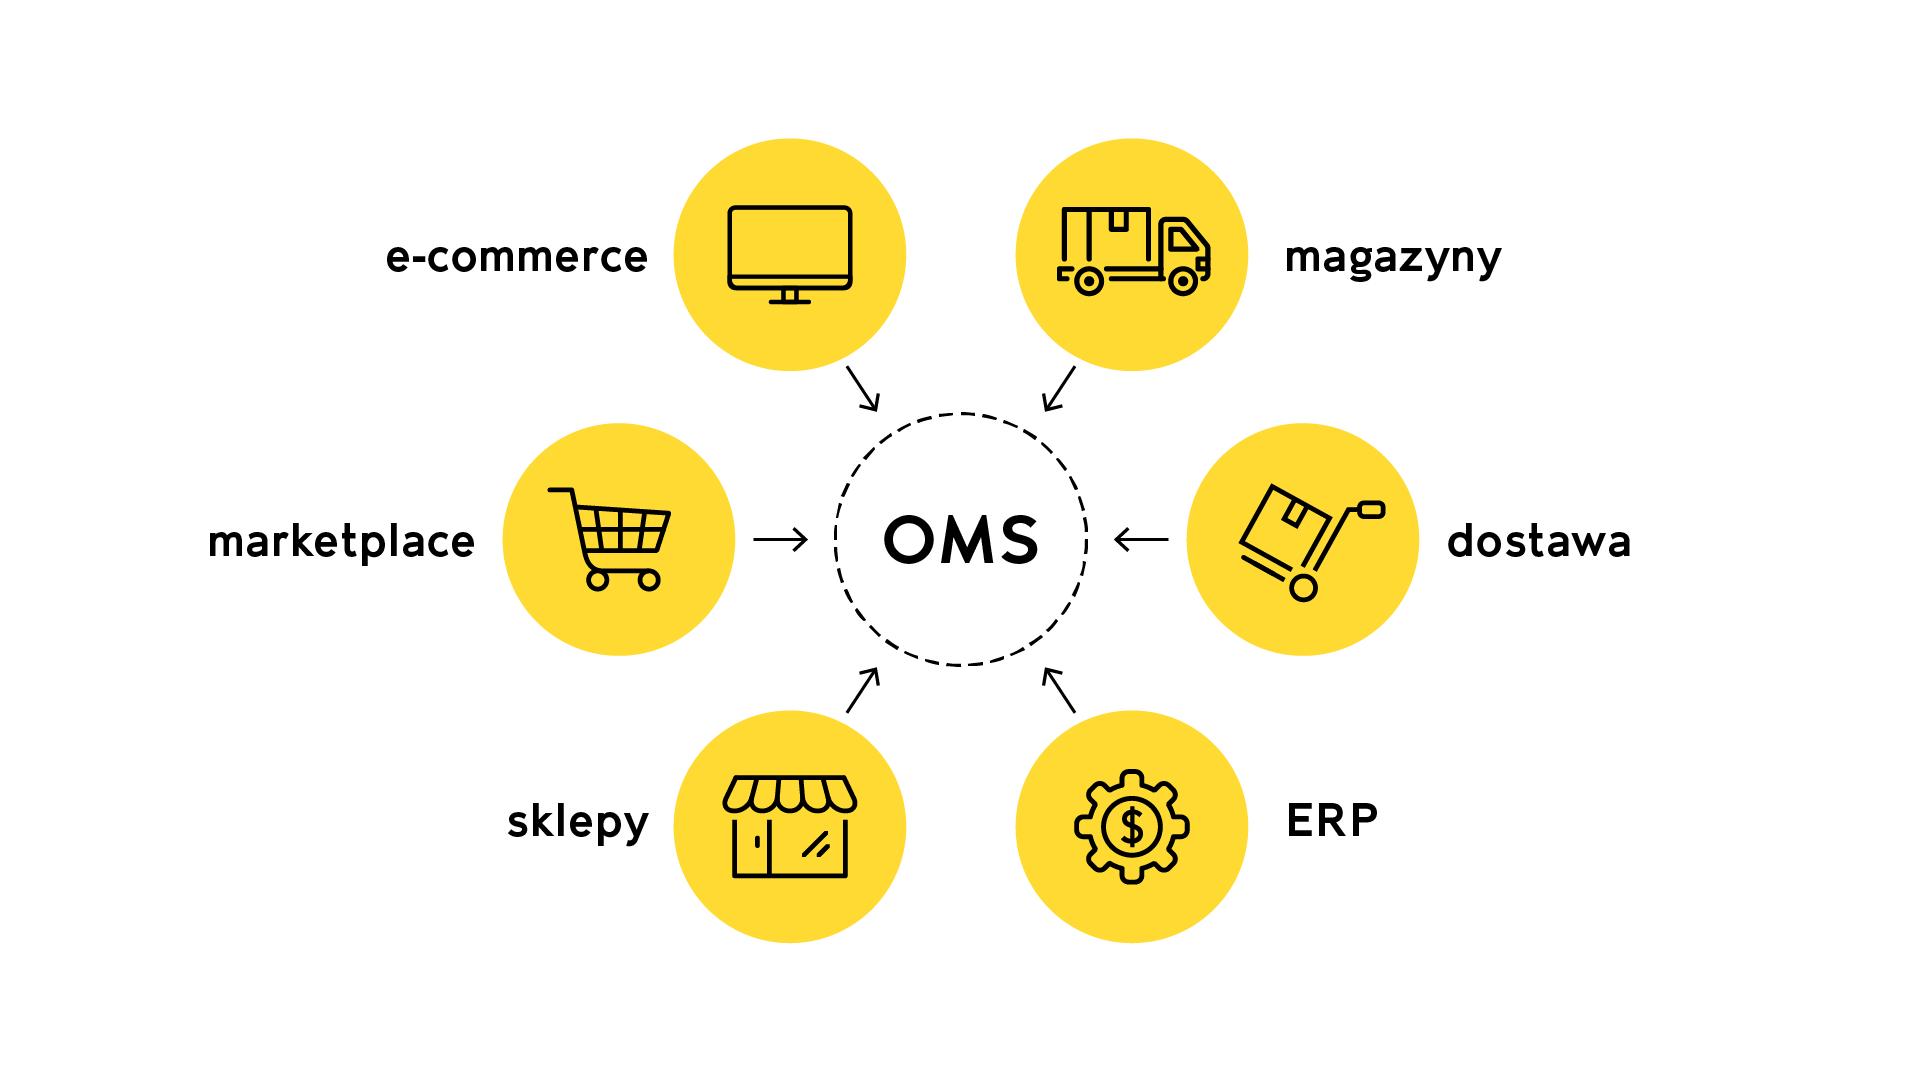 order management system ecommerce